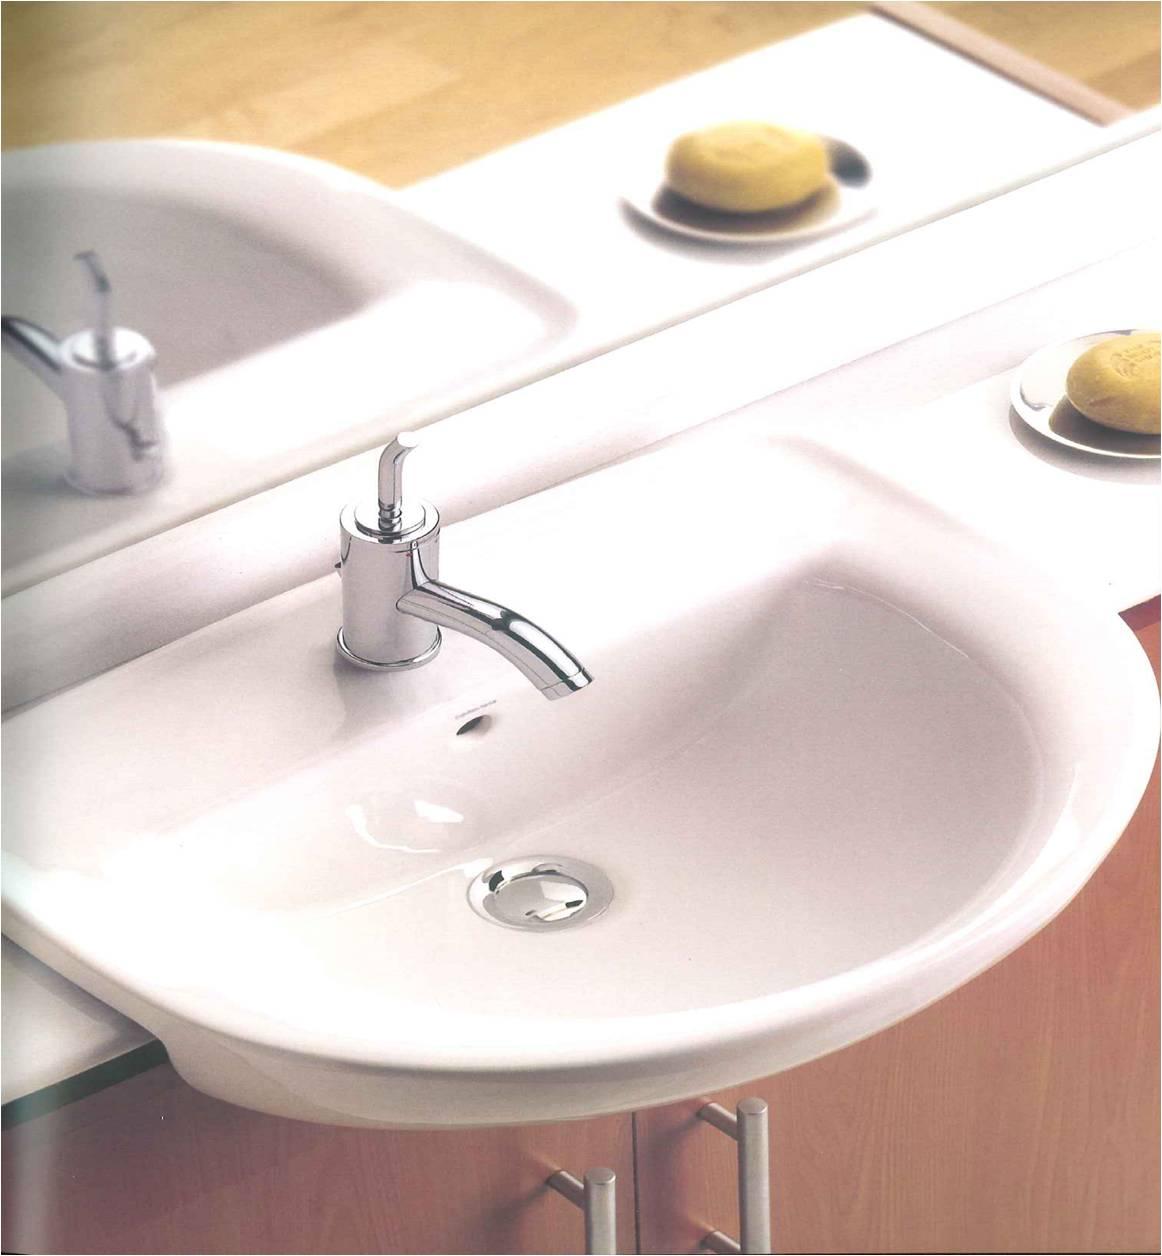 #9C6F2F decoracao interiores casas banho:lavatorio de banheiro lavatorio  1162x1256 px lavatorio banheiro simples